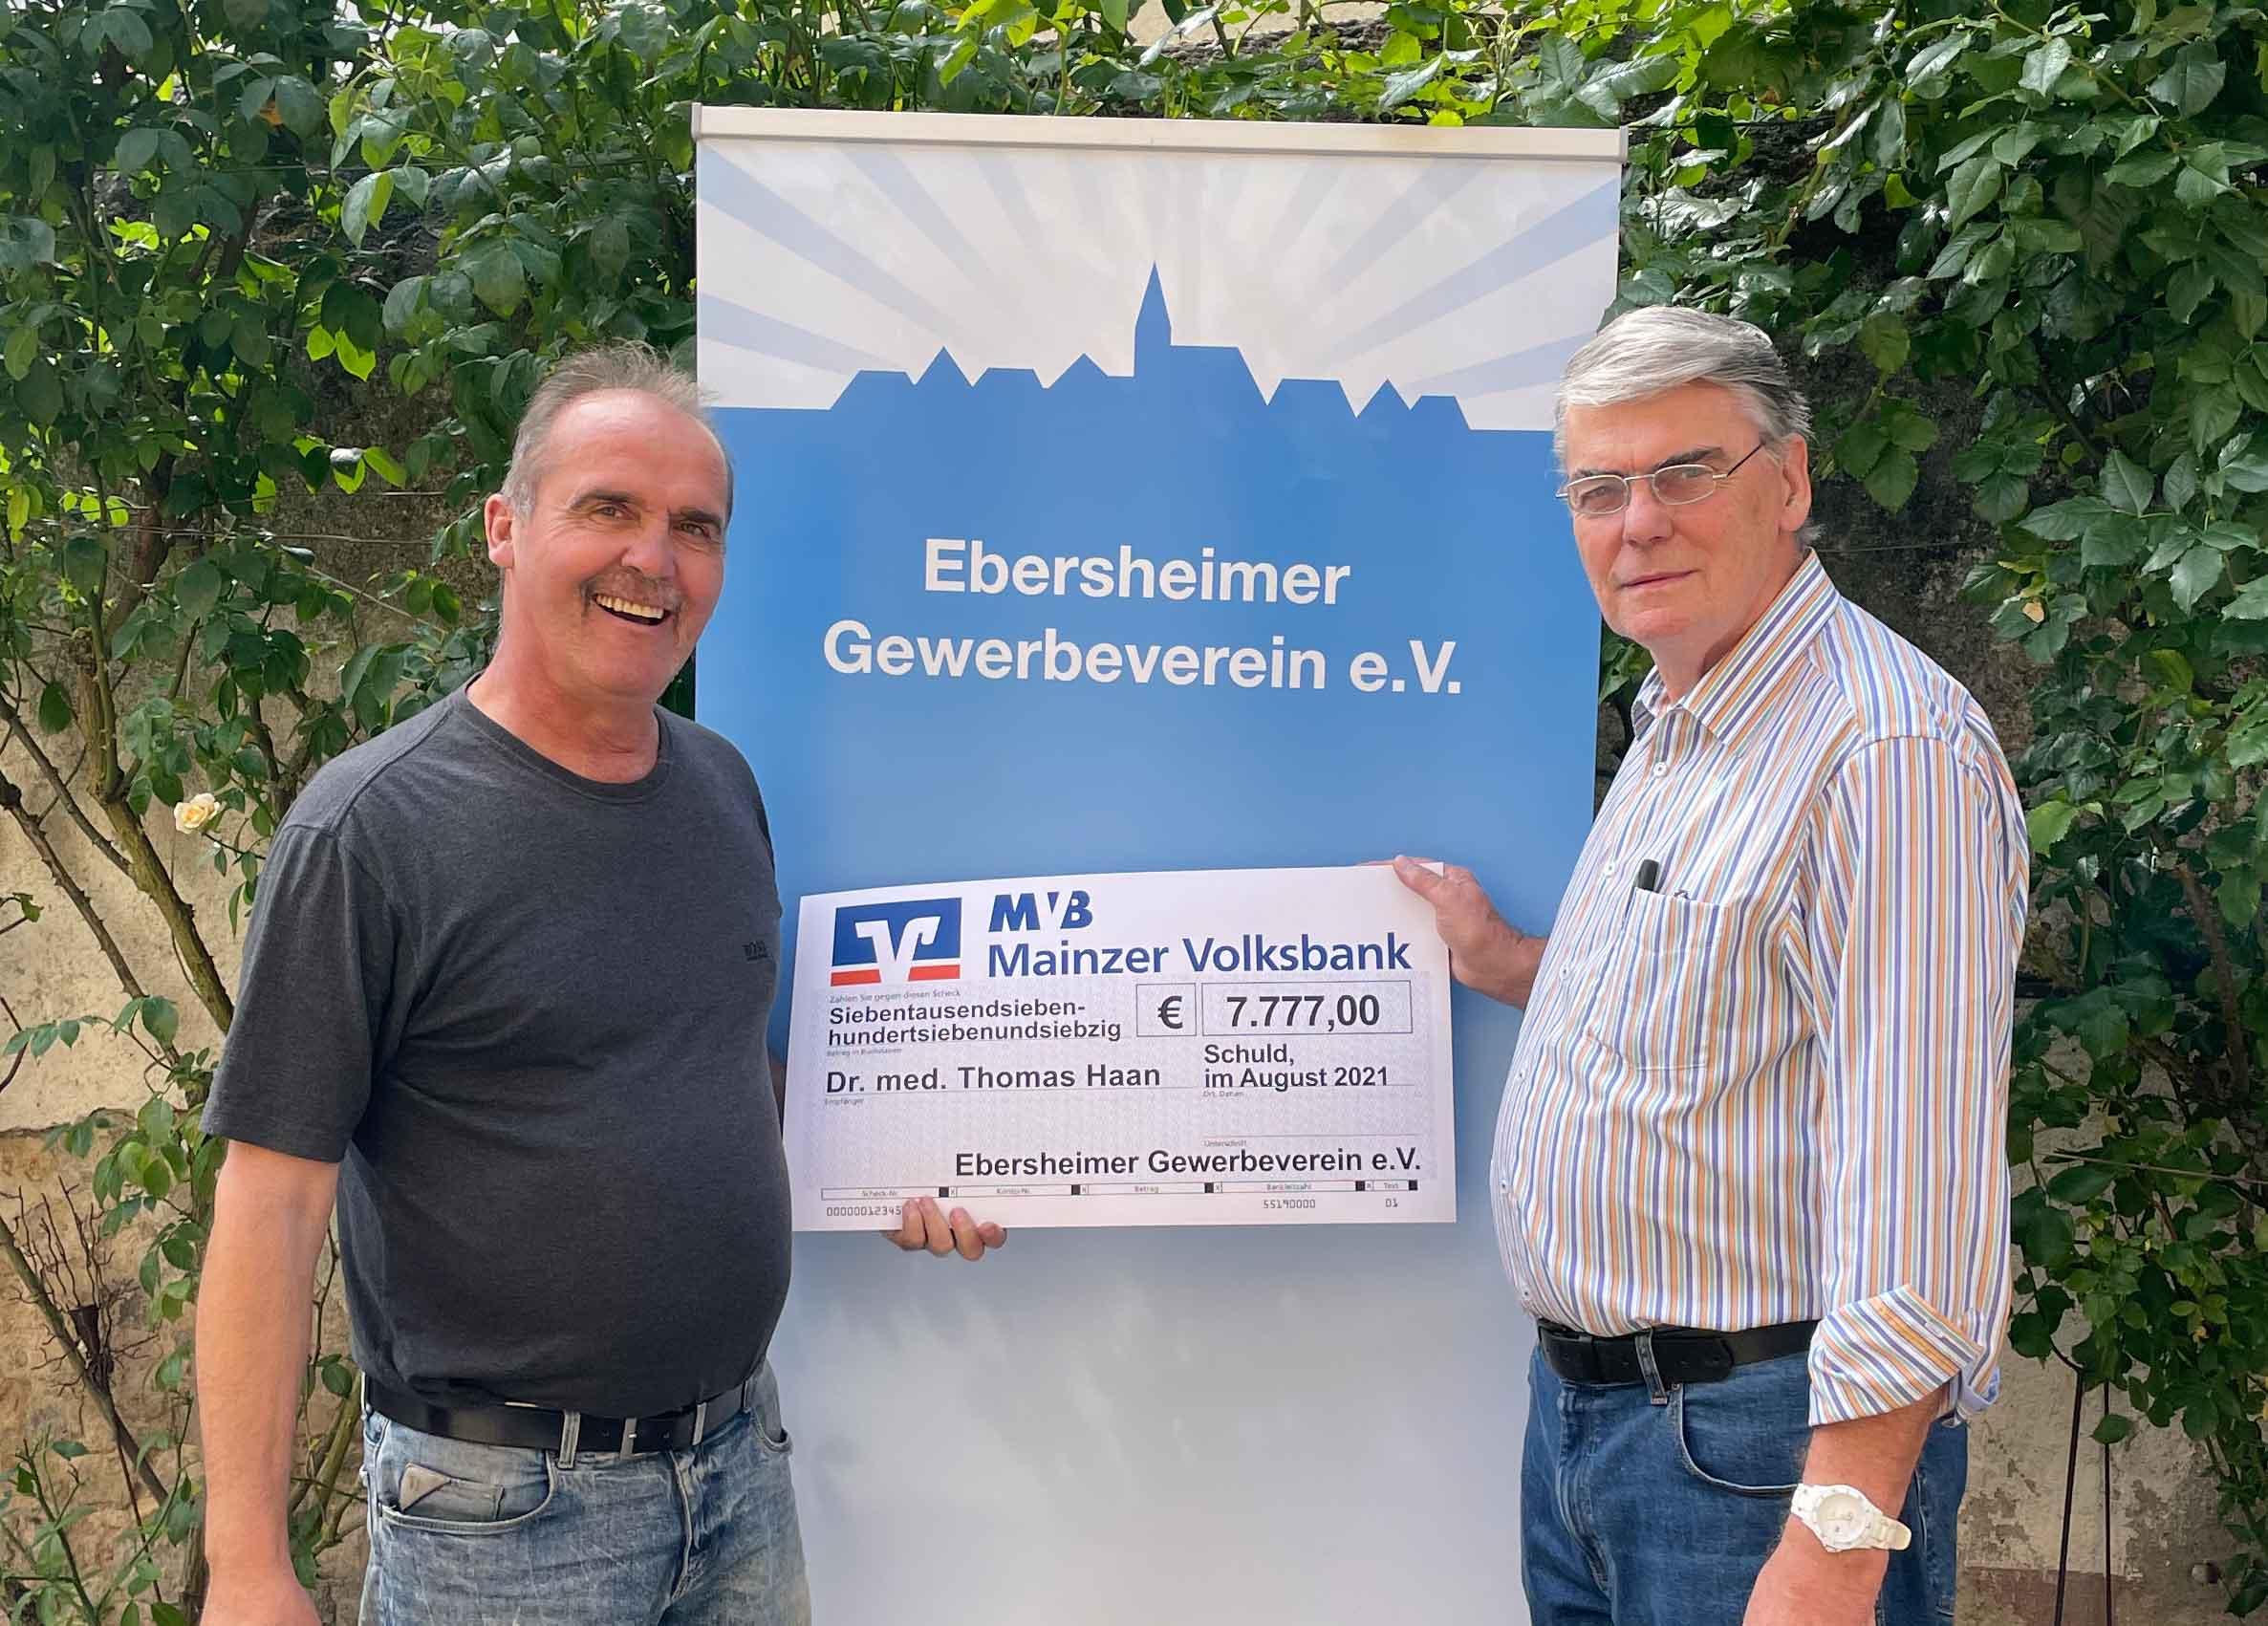 Jürgen Alsfasser (Vorsitzender) und Albert Tratschitt (Kassierer) mit dem Spendenscheckendenscheck